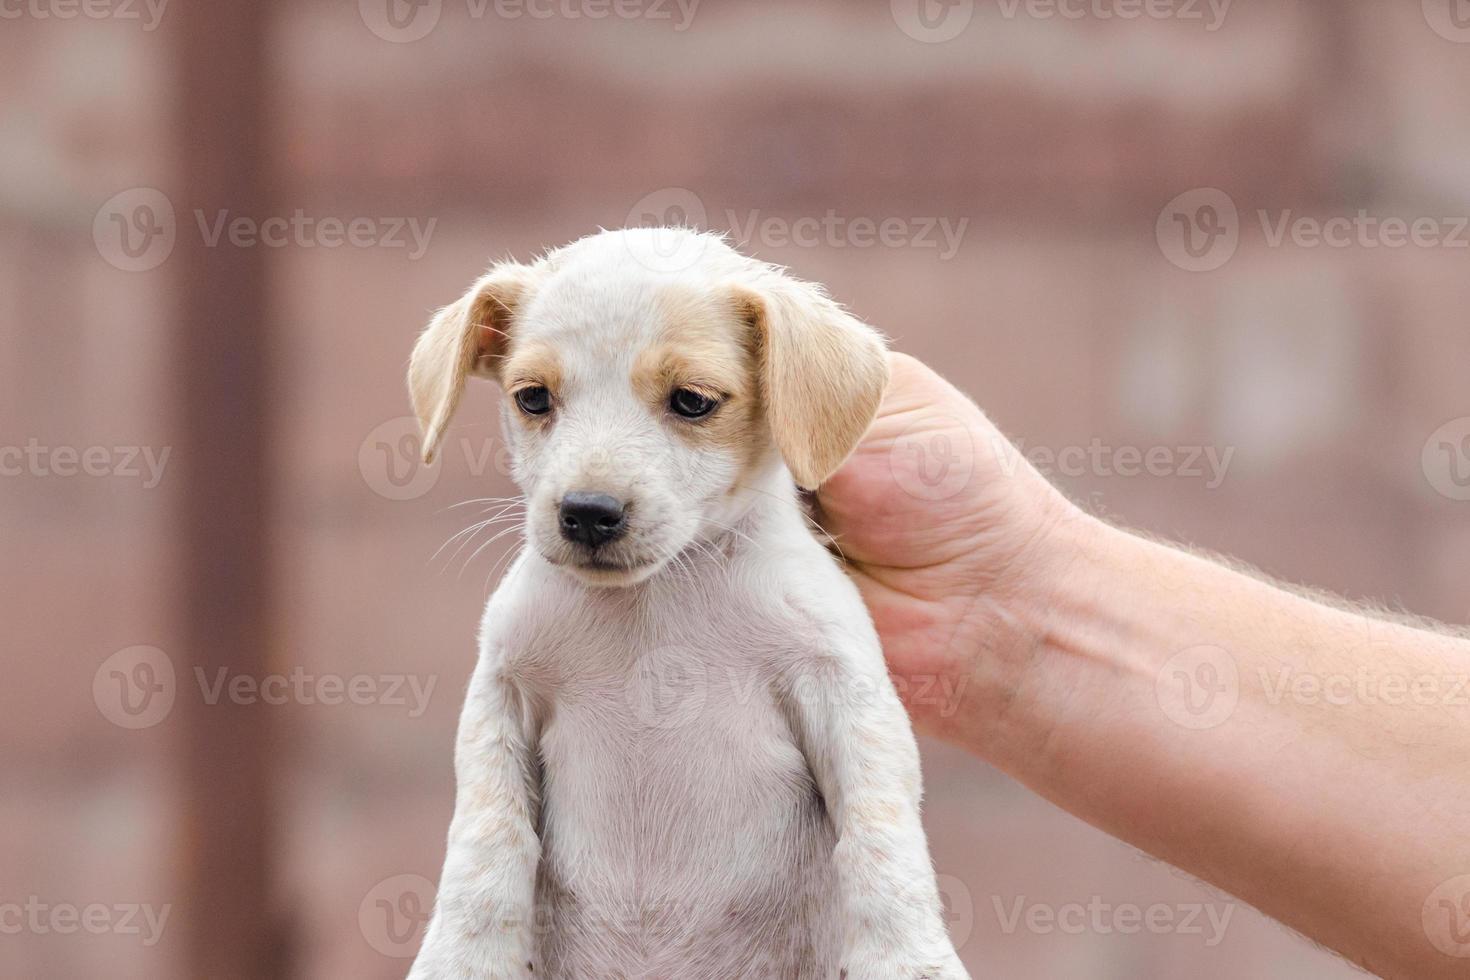 persoon die een puppy bij de nek vasthoudt foto